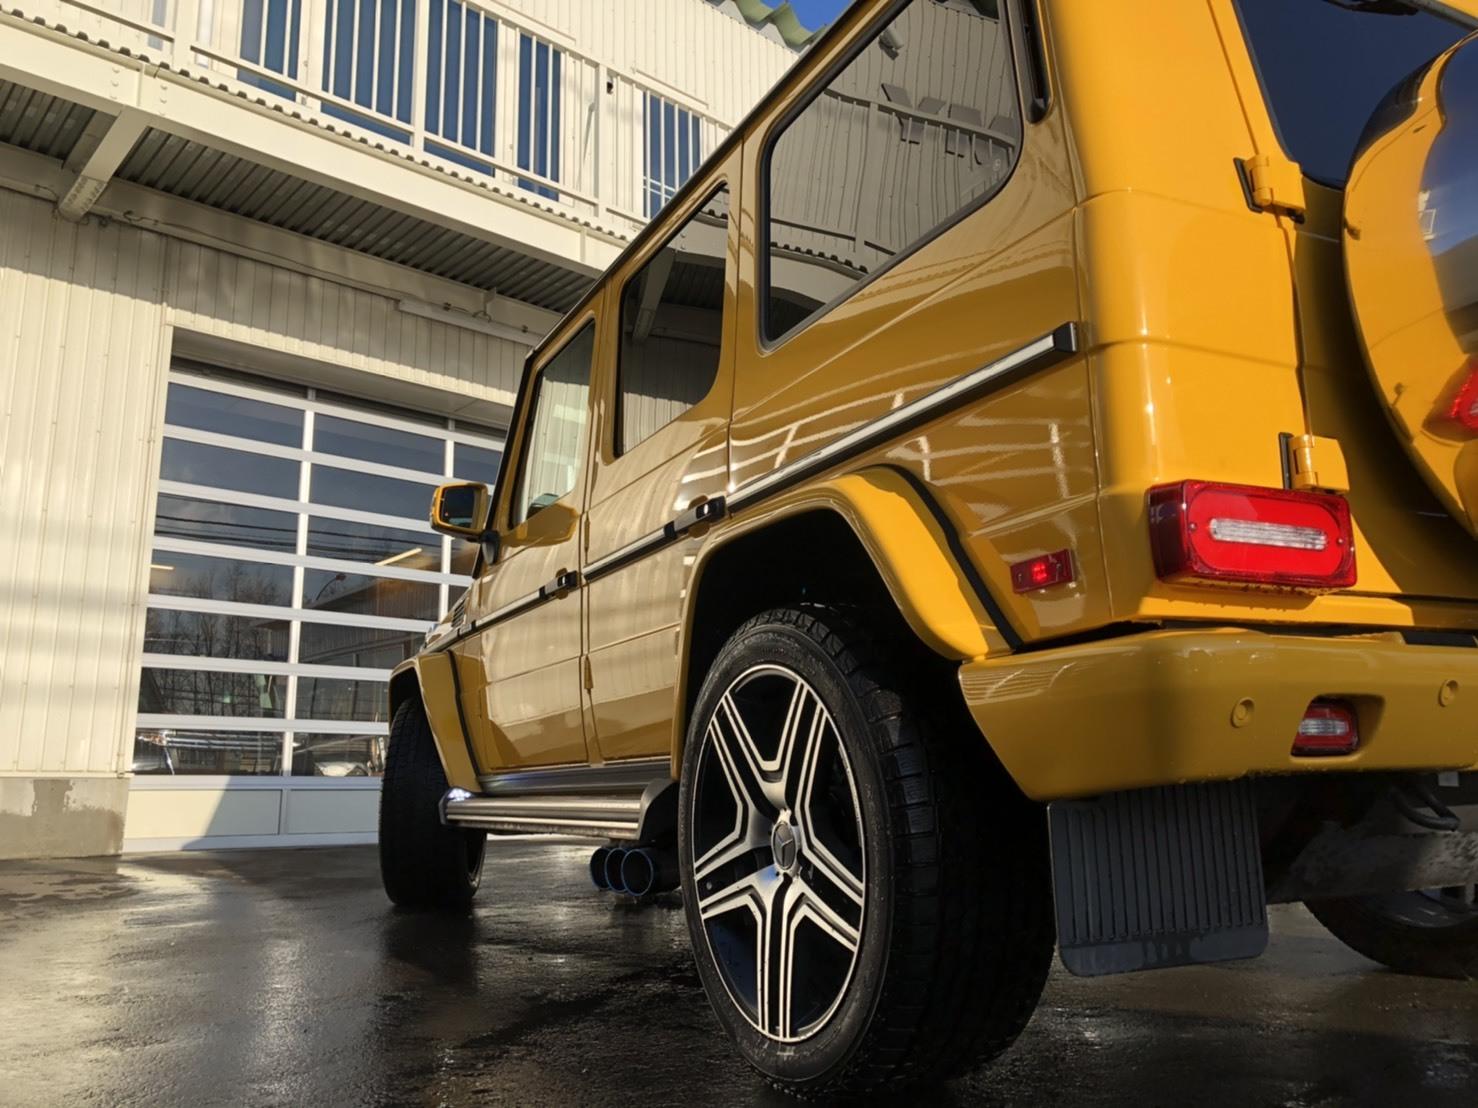 1月23日(木)ランドクルーザー100 VXリミテッド 4.7VXリミテッド 4WD あります♬  ランクル ハマー エスカレードならTOMMY☆彡_b0127002_18435592.jpg